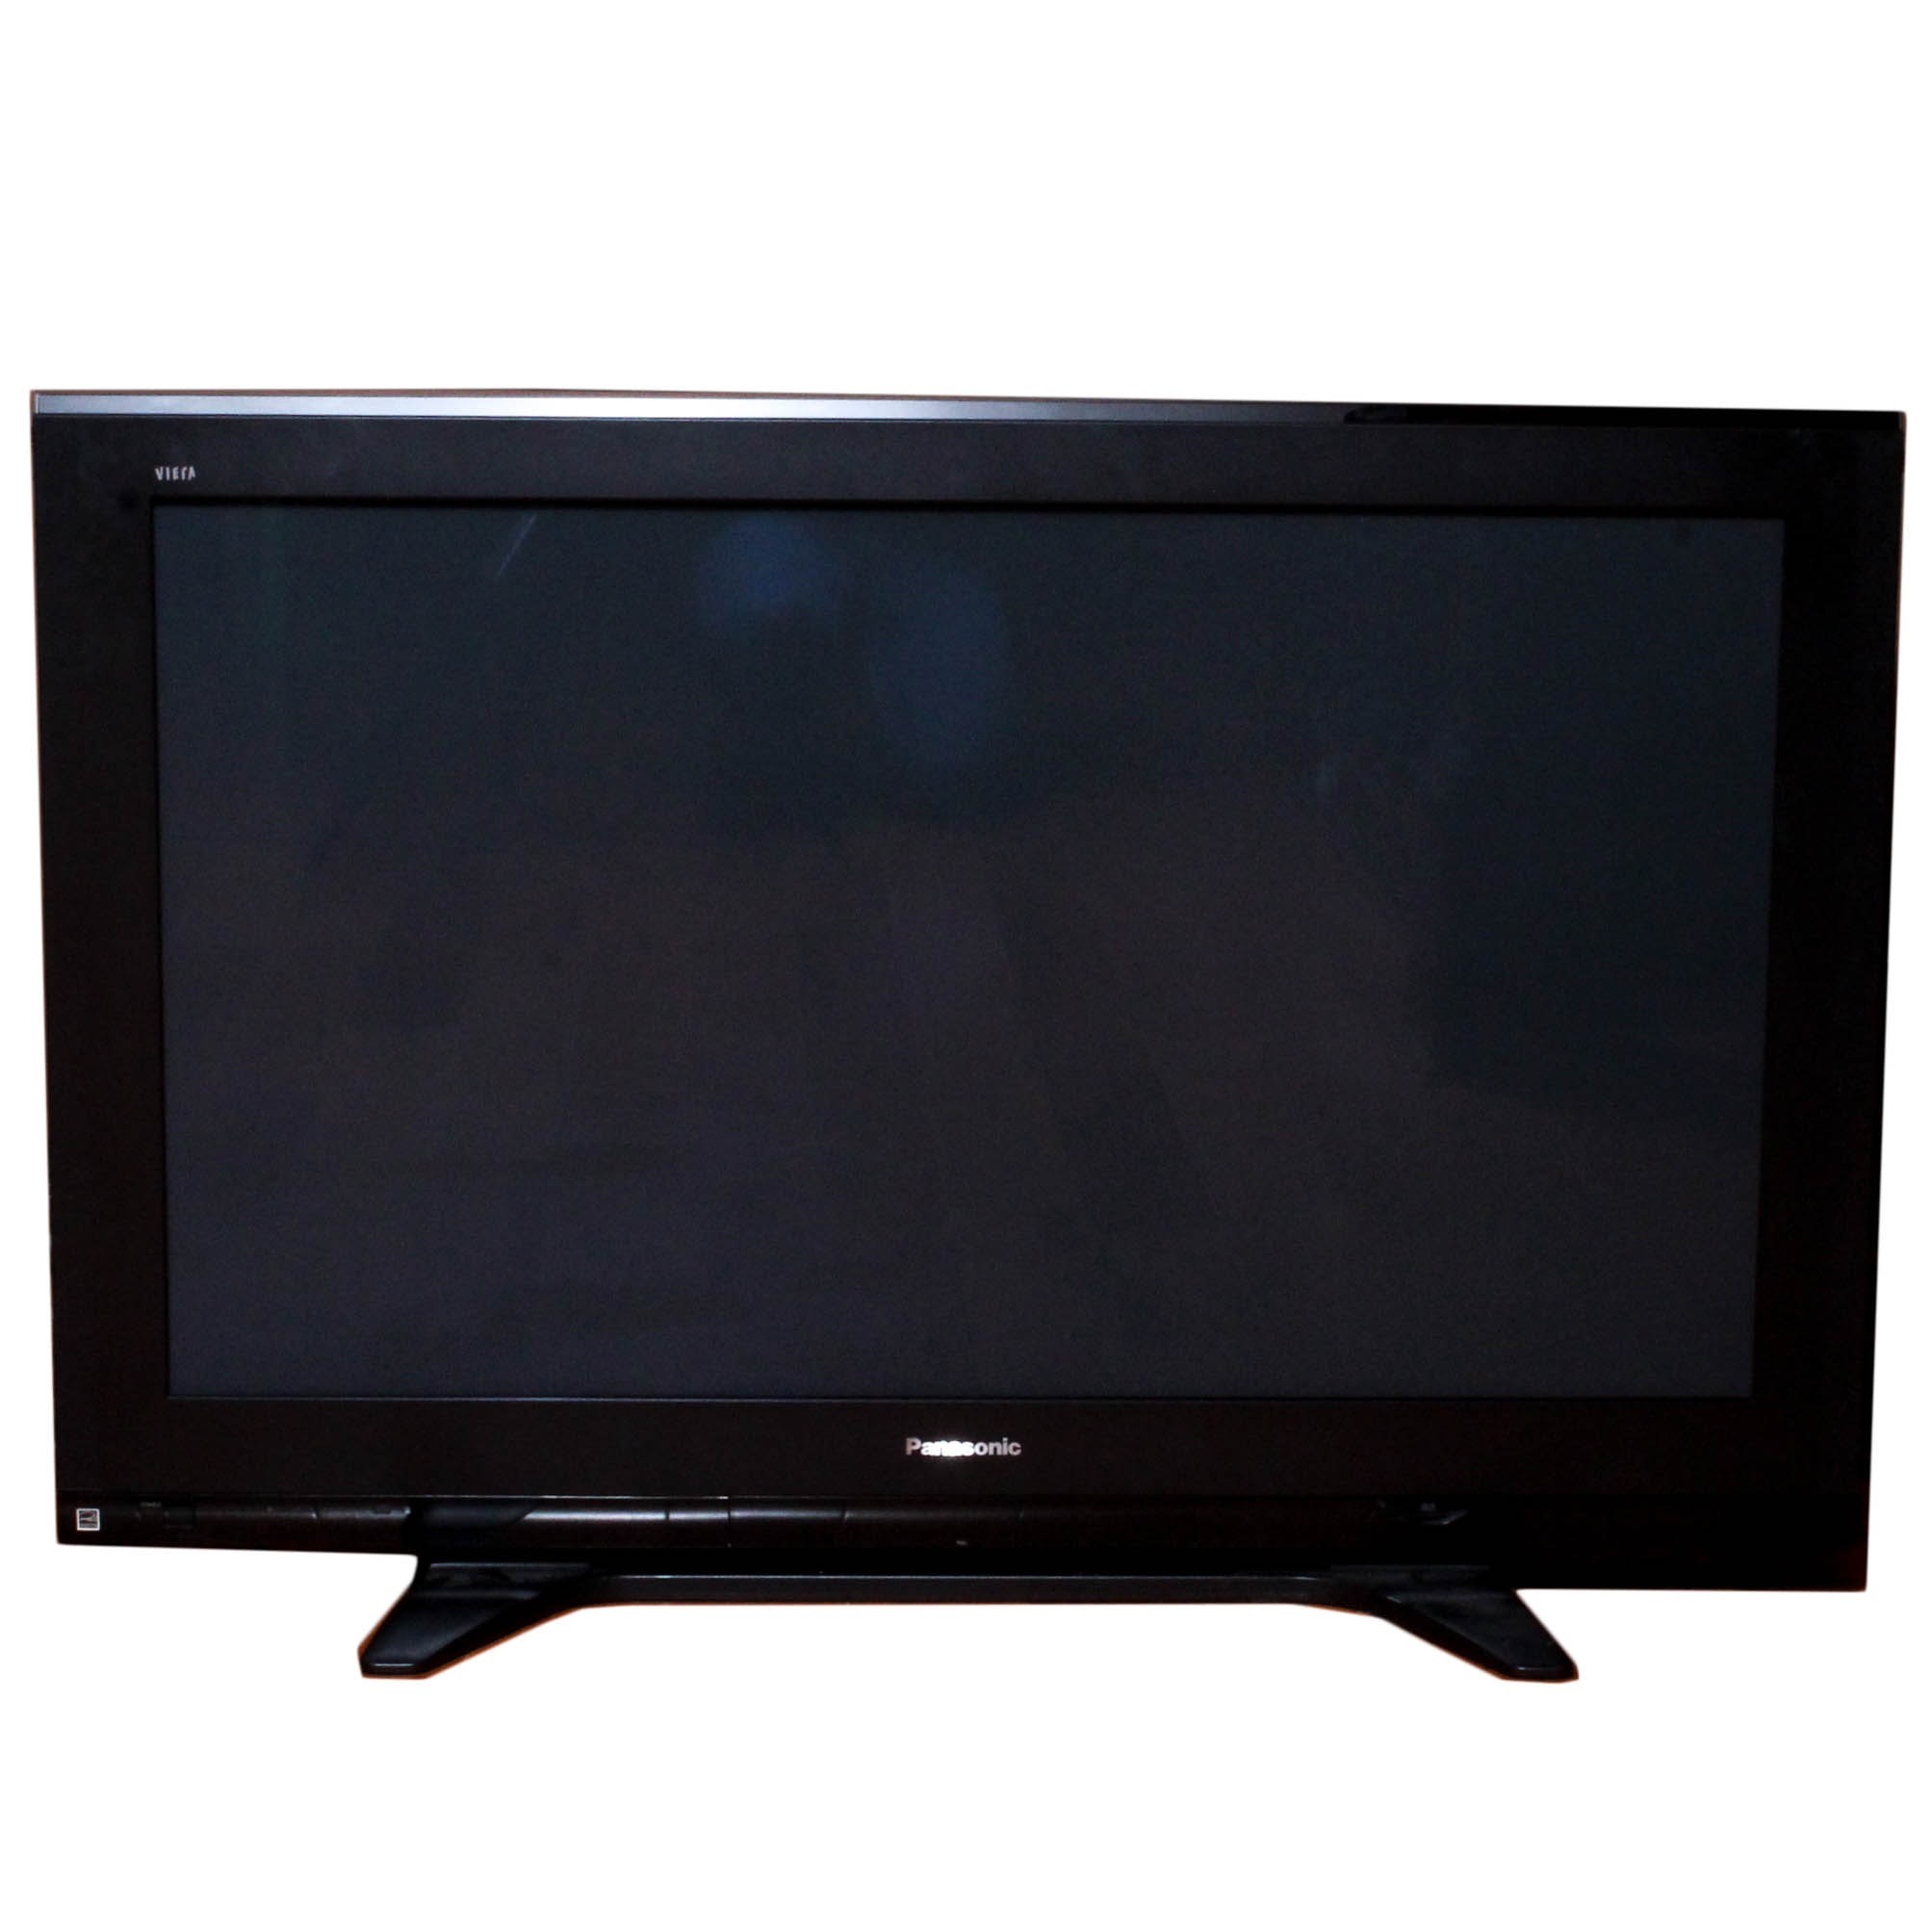 """Panasonic Viera 50"""" 1080p Plasma Screen Television"""